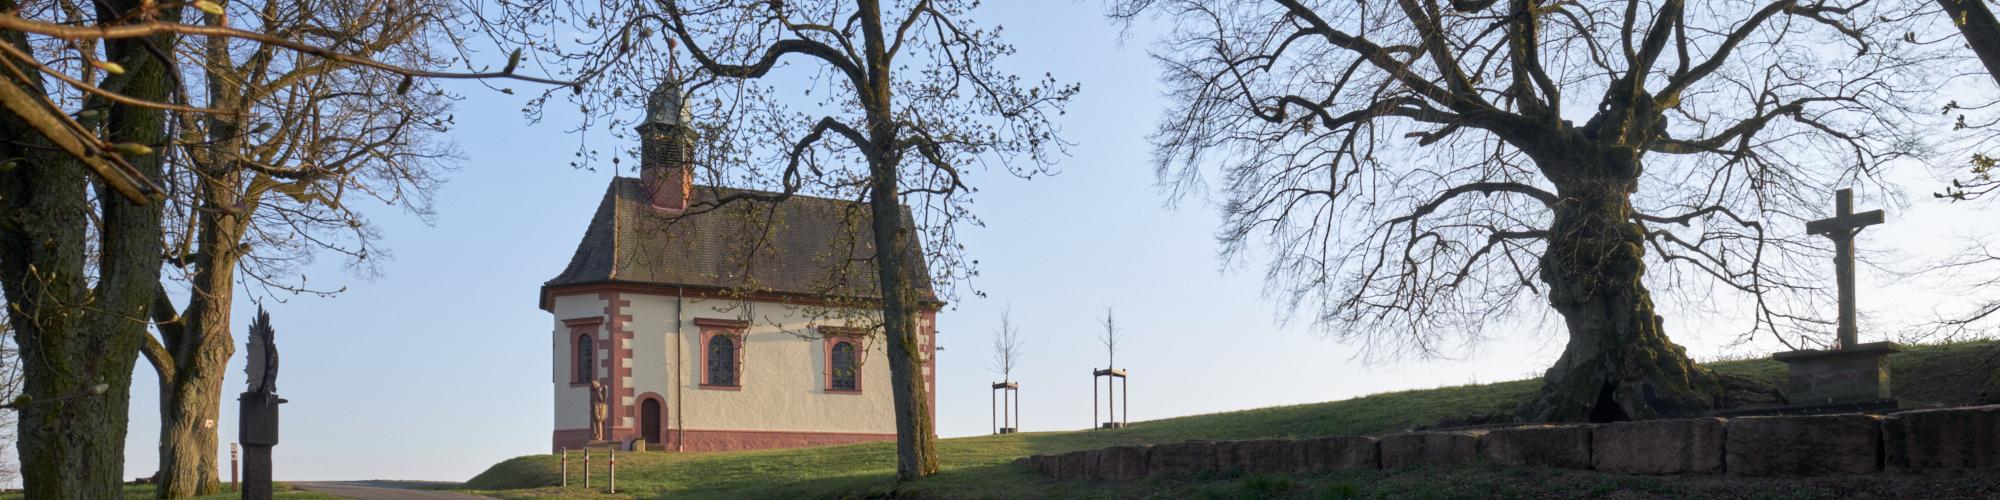 Michaelskapelle 1